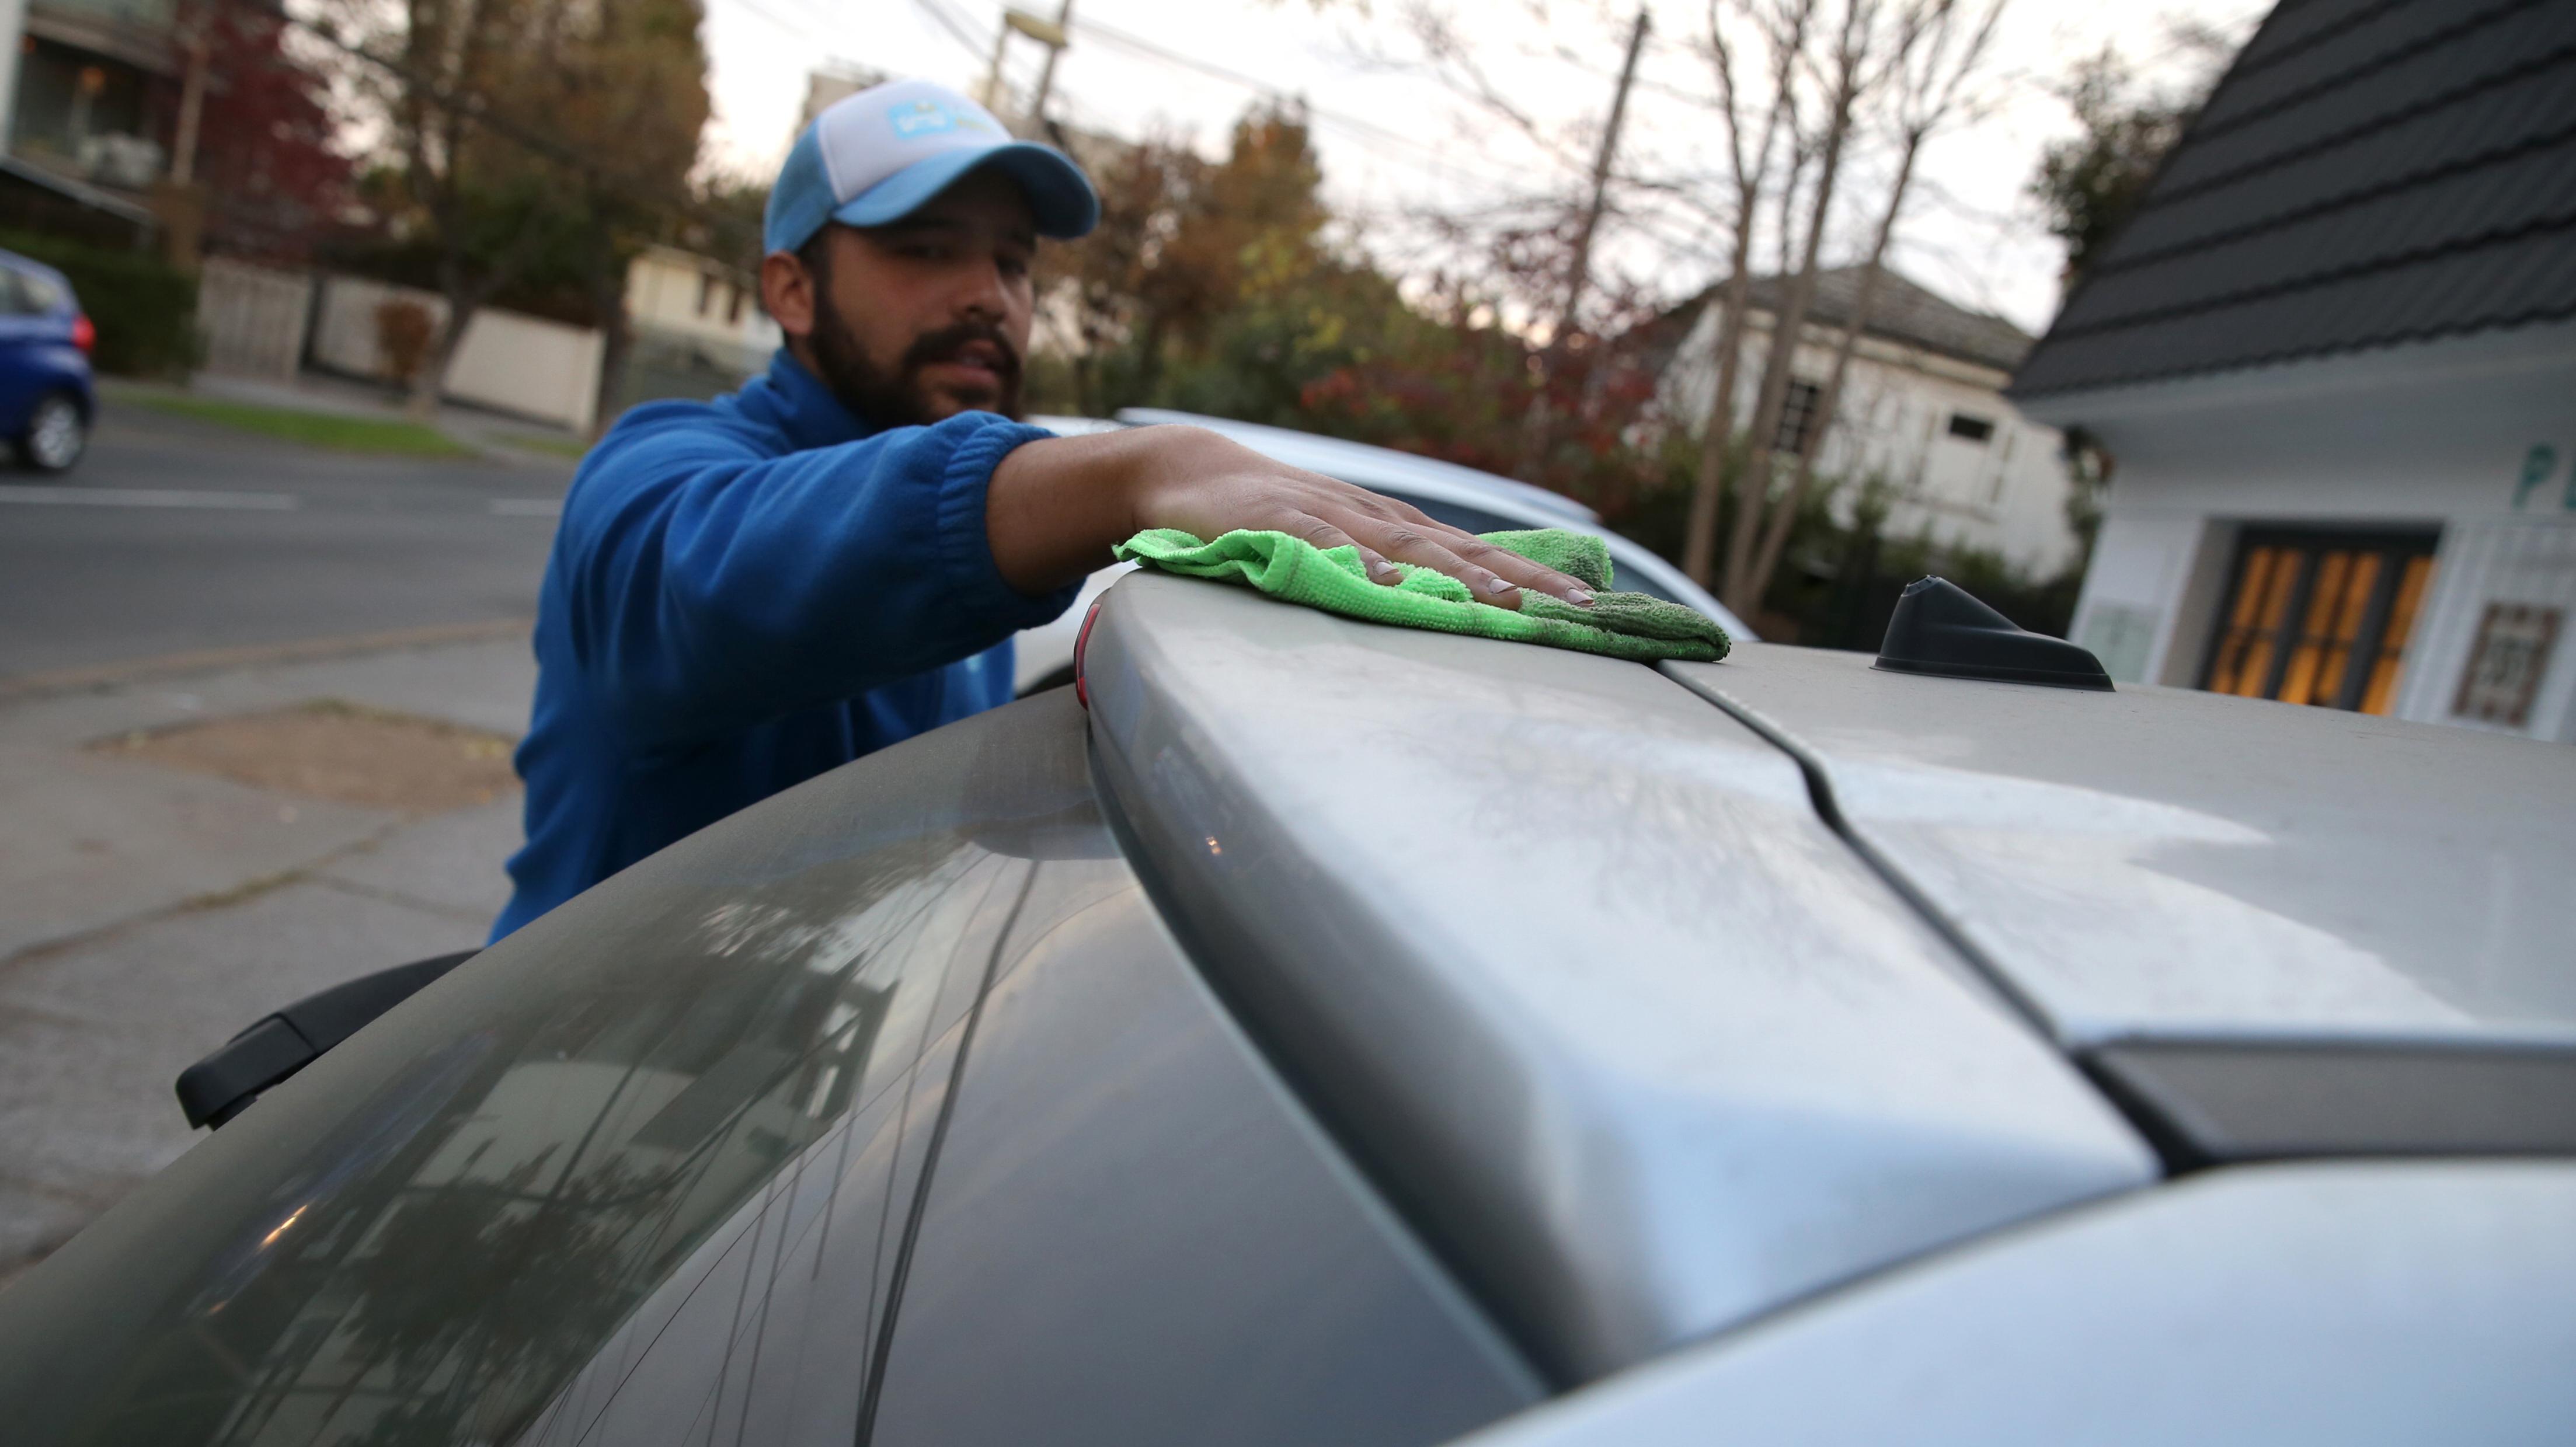 85e98e23dbcb Sustentable y a domicilio: La fórmula de éxito a la que apuestan  emprendimientos de lavado de autos en Chile